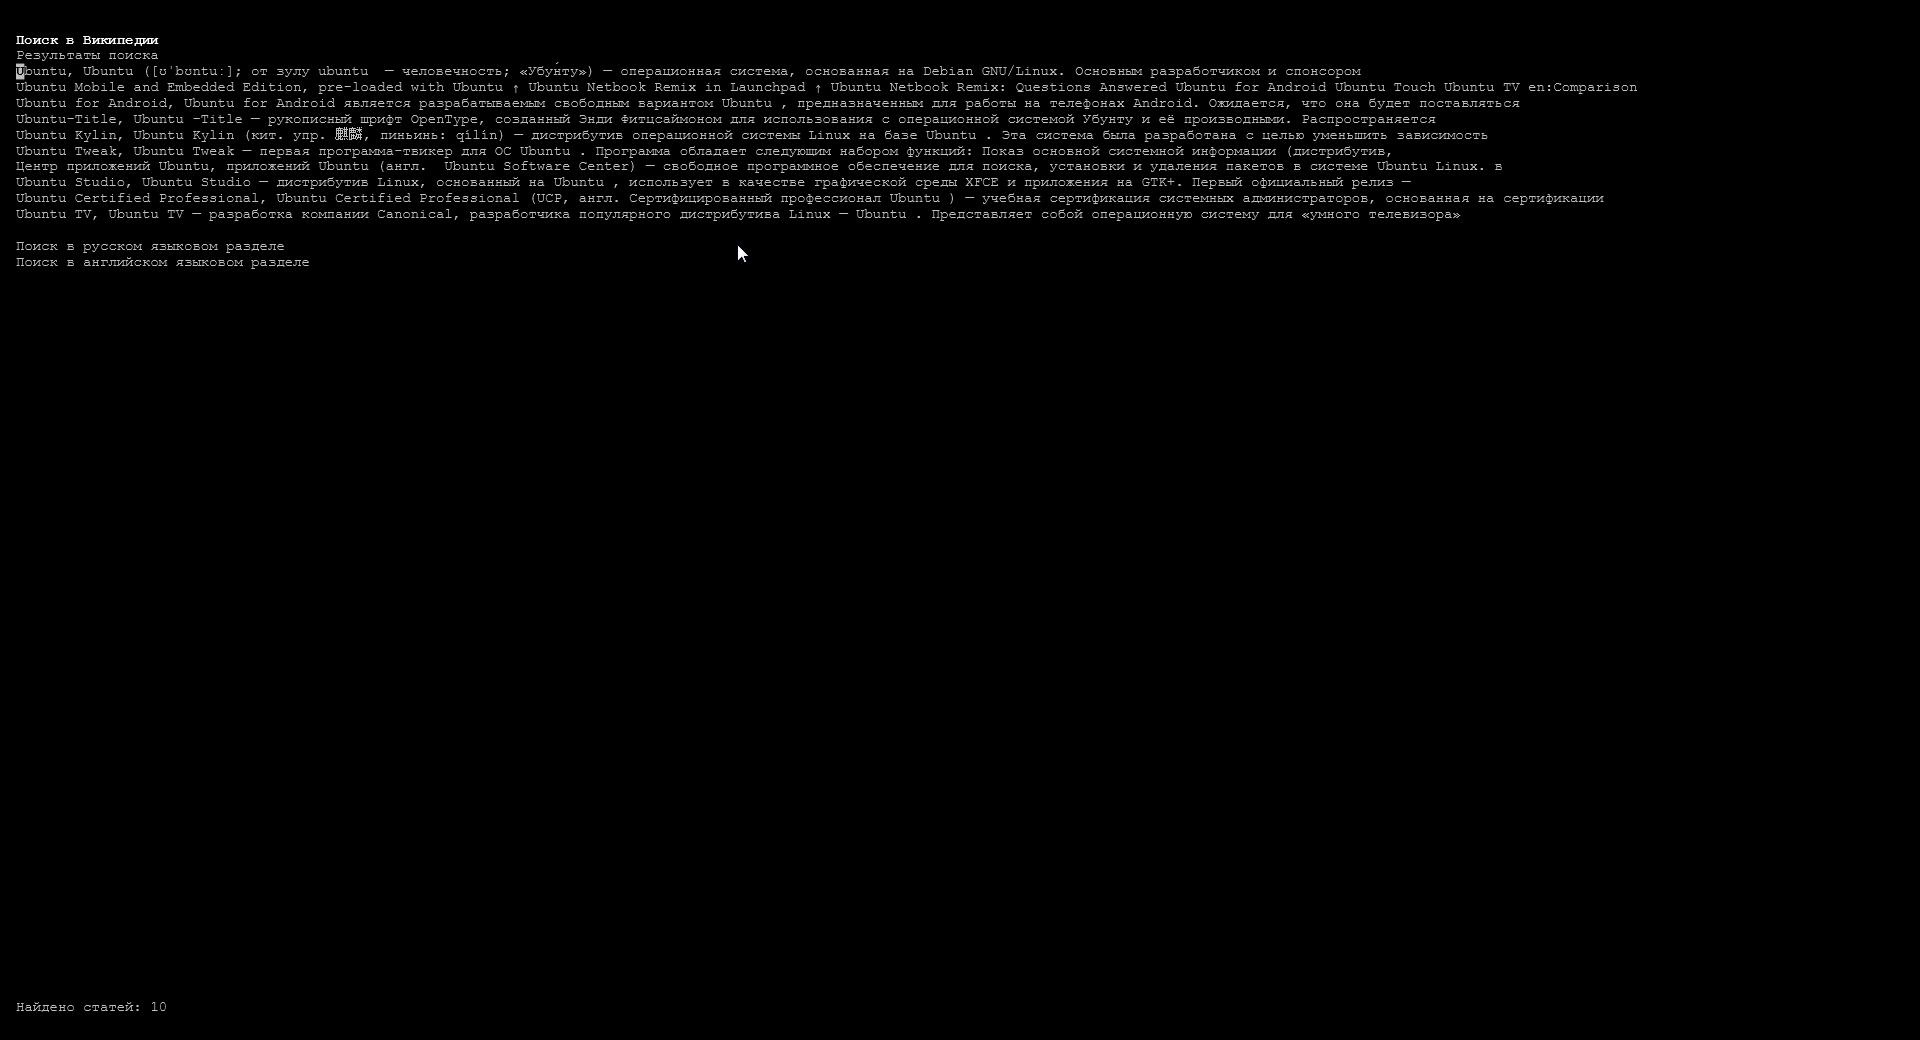 Результат пошуку 'Ubuntu' Вікіпедії в LUWRAIN